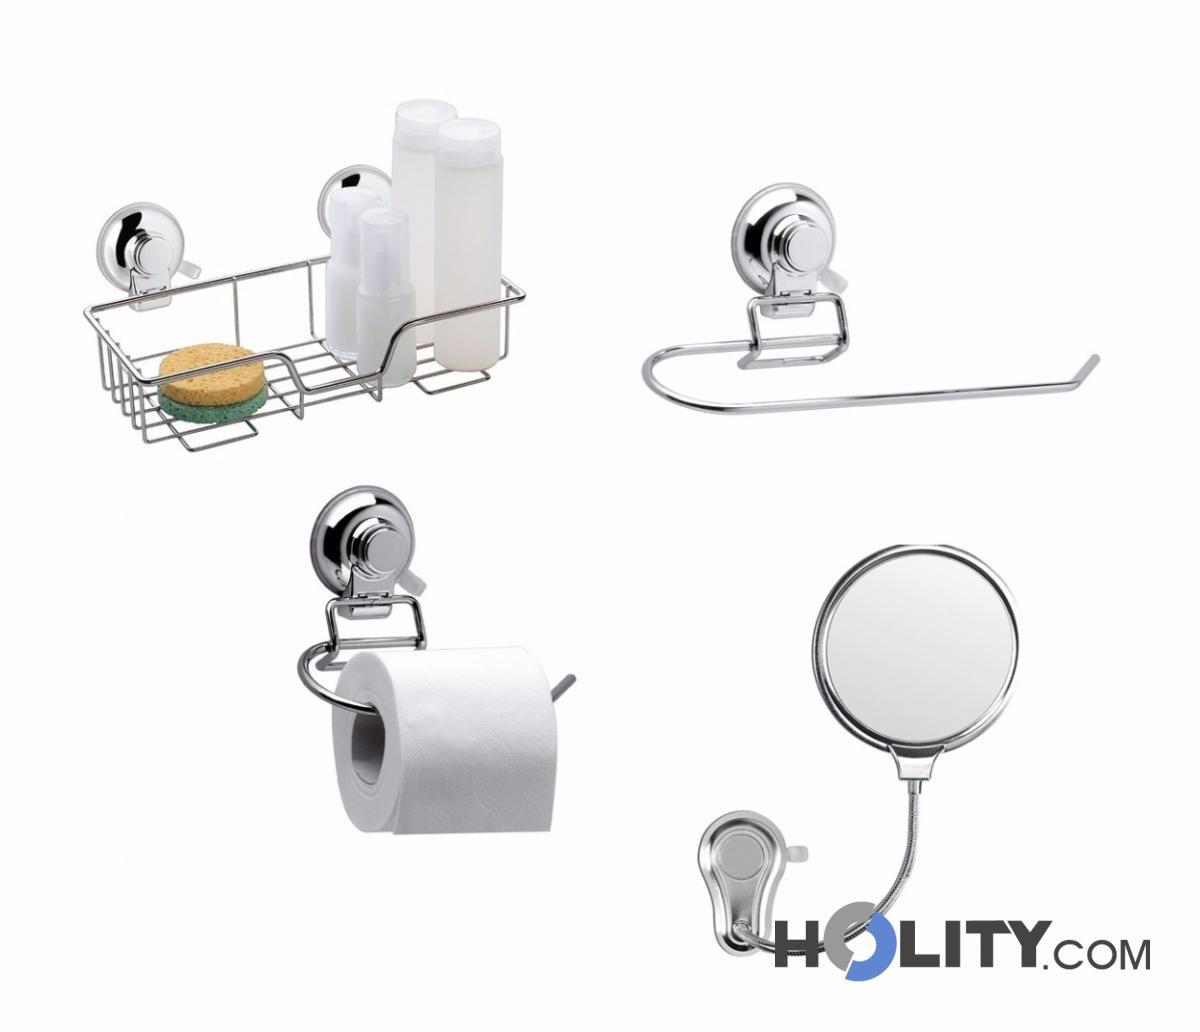 Cerchi accessori bagno in metallo h107142 - Accessori bagno portaoggetti ...